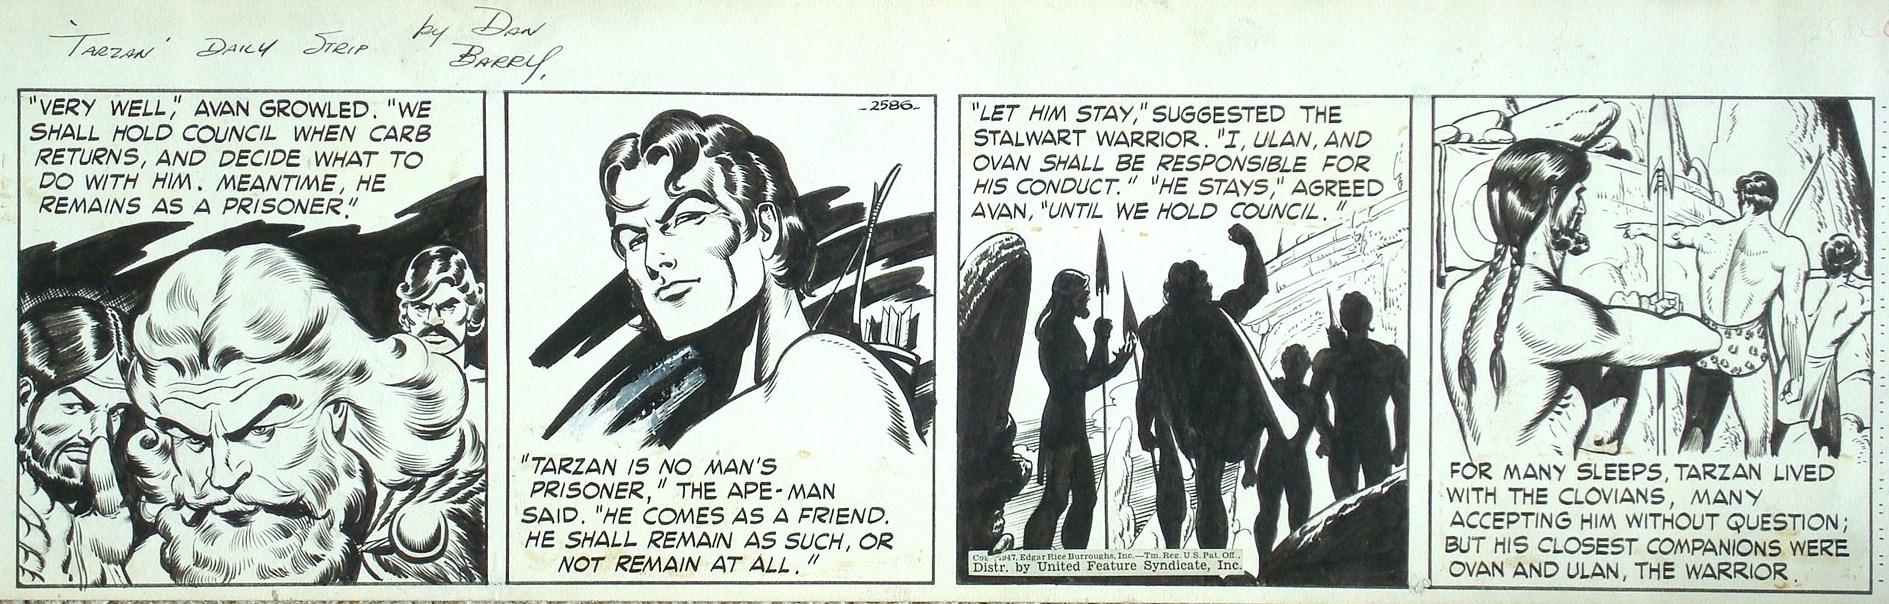 Tarzan Daily #2586 by Dan Barry Comic Art